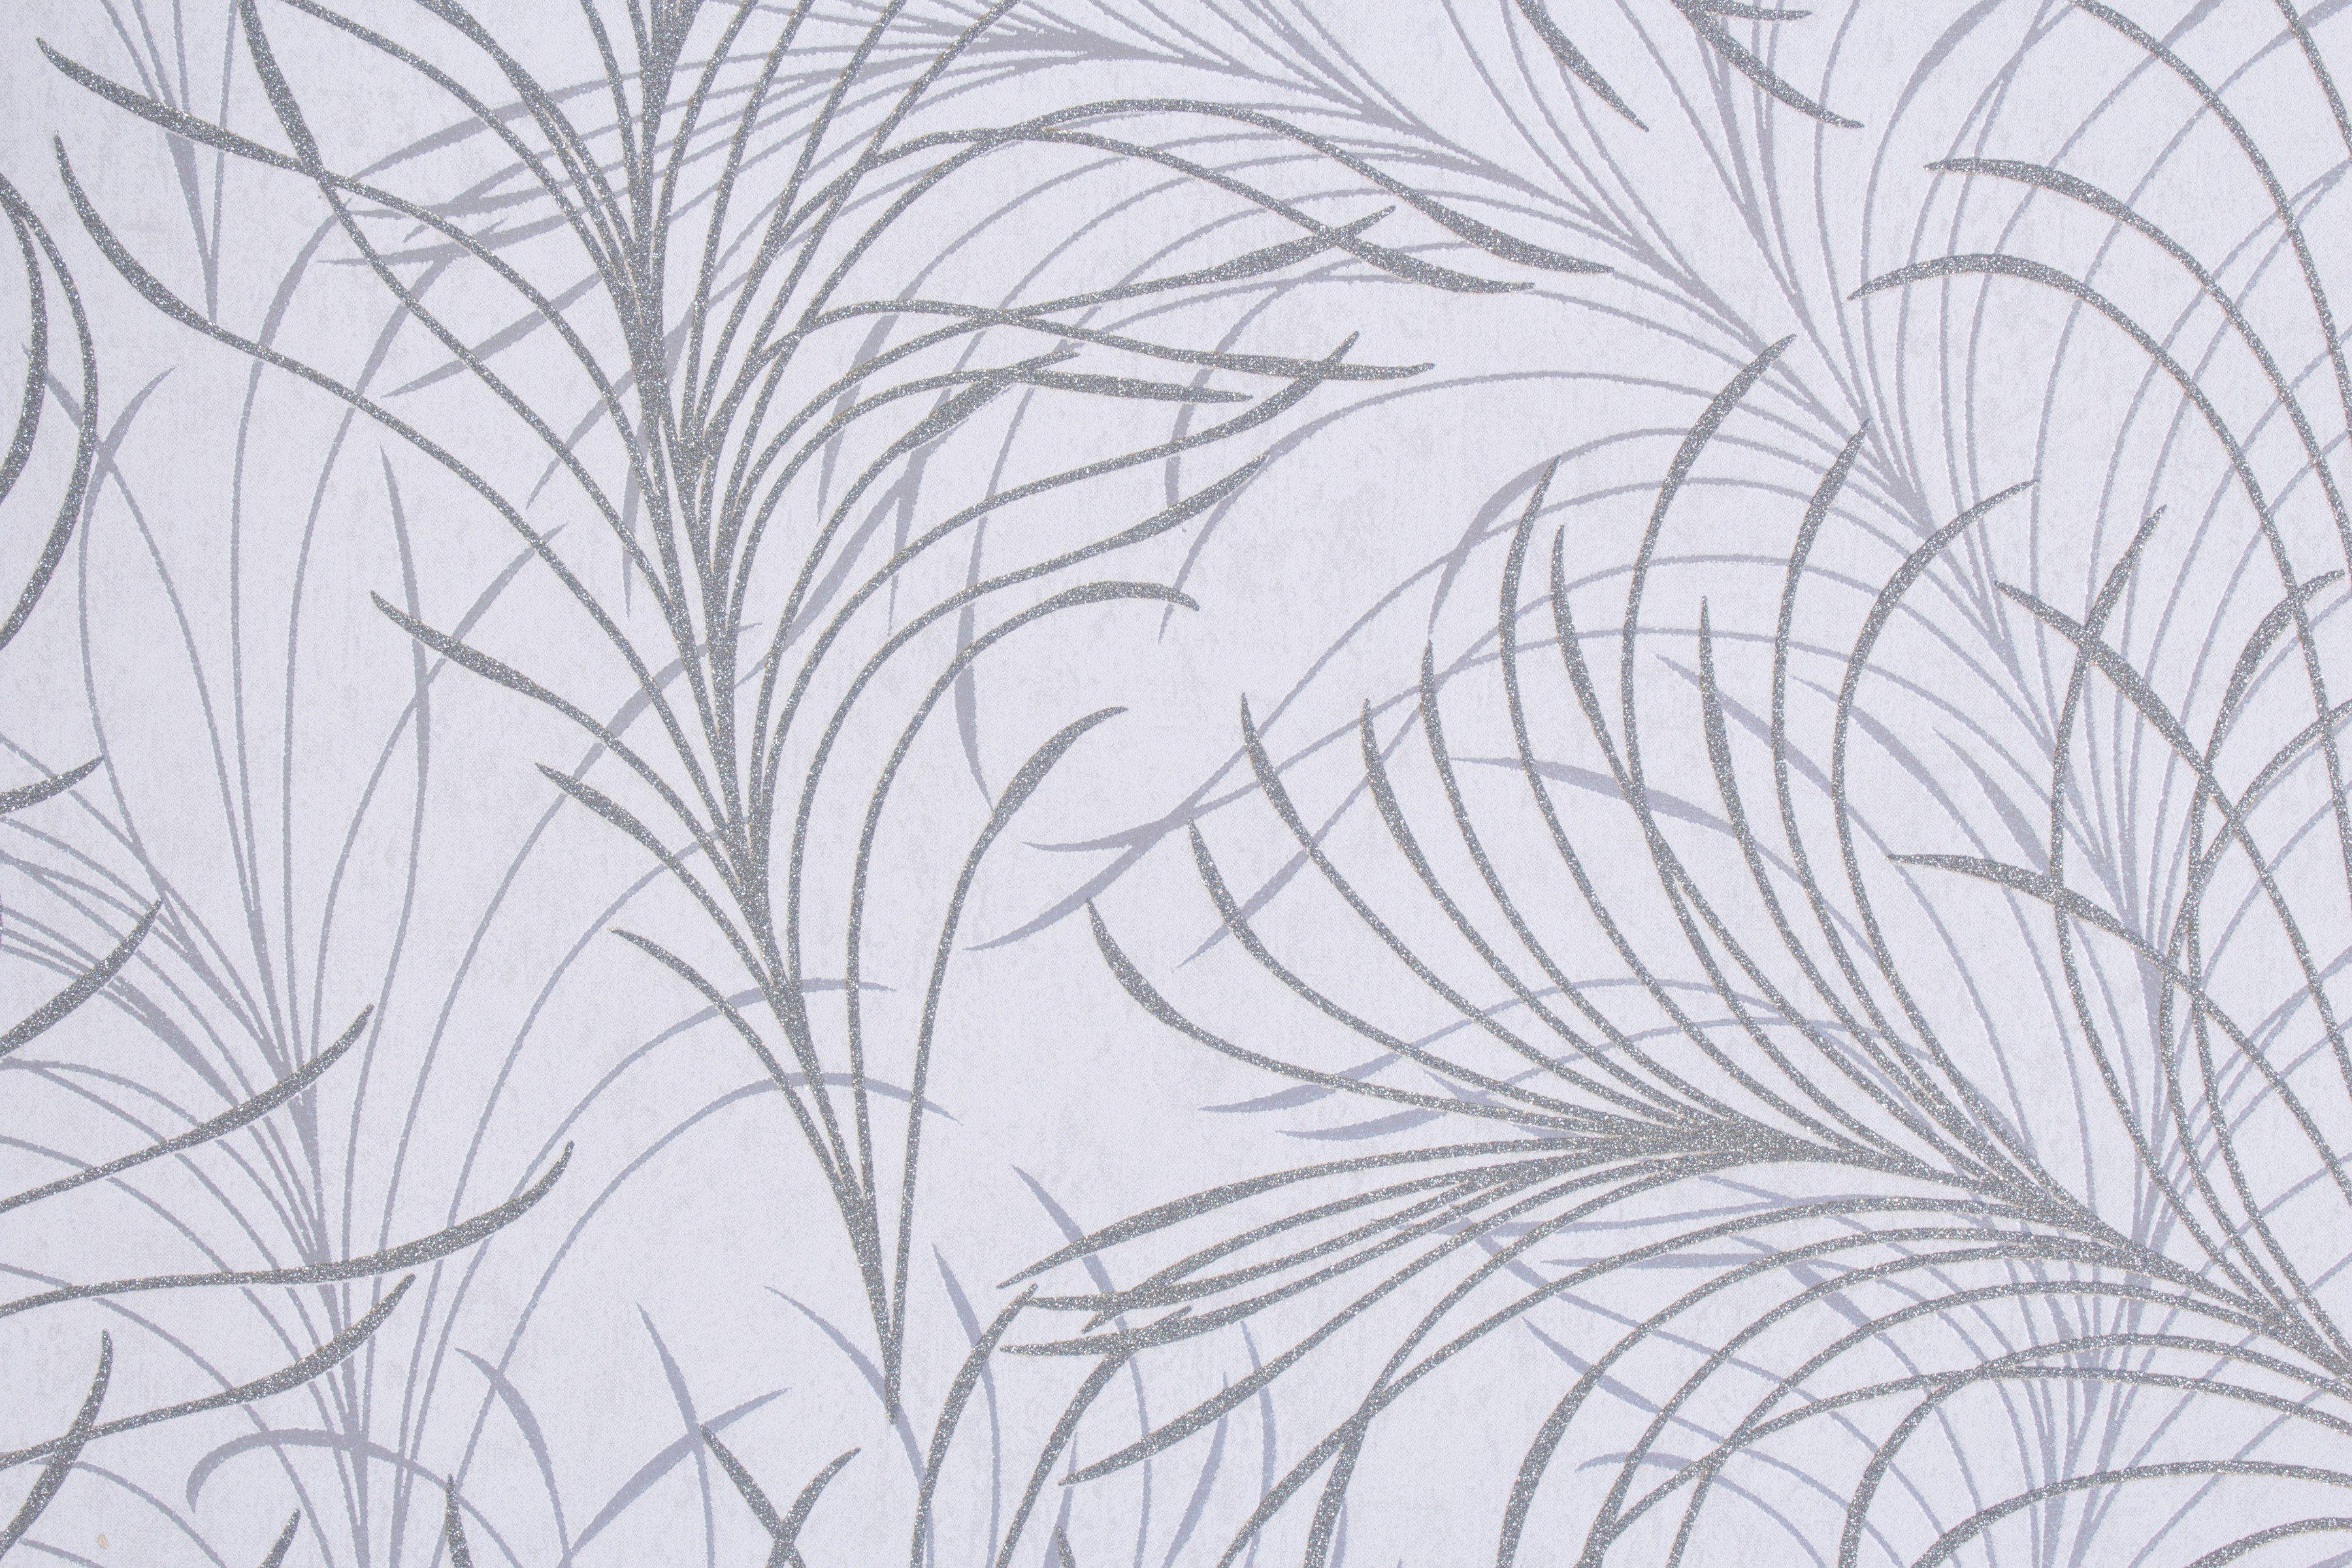 Vliestapete »Estelle«, grau Struktur